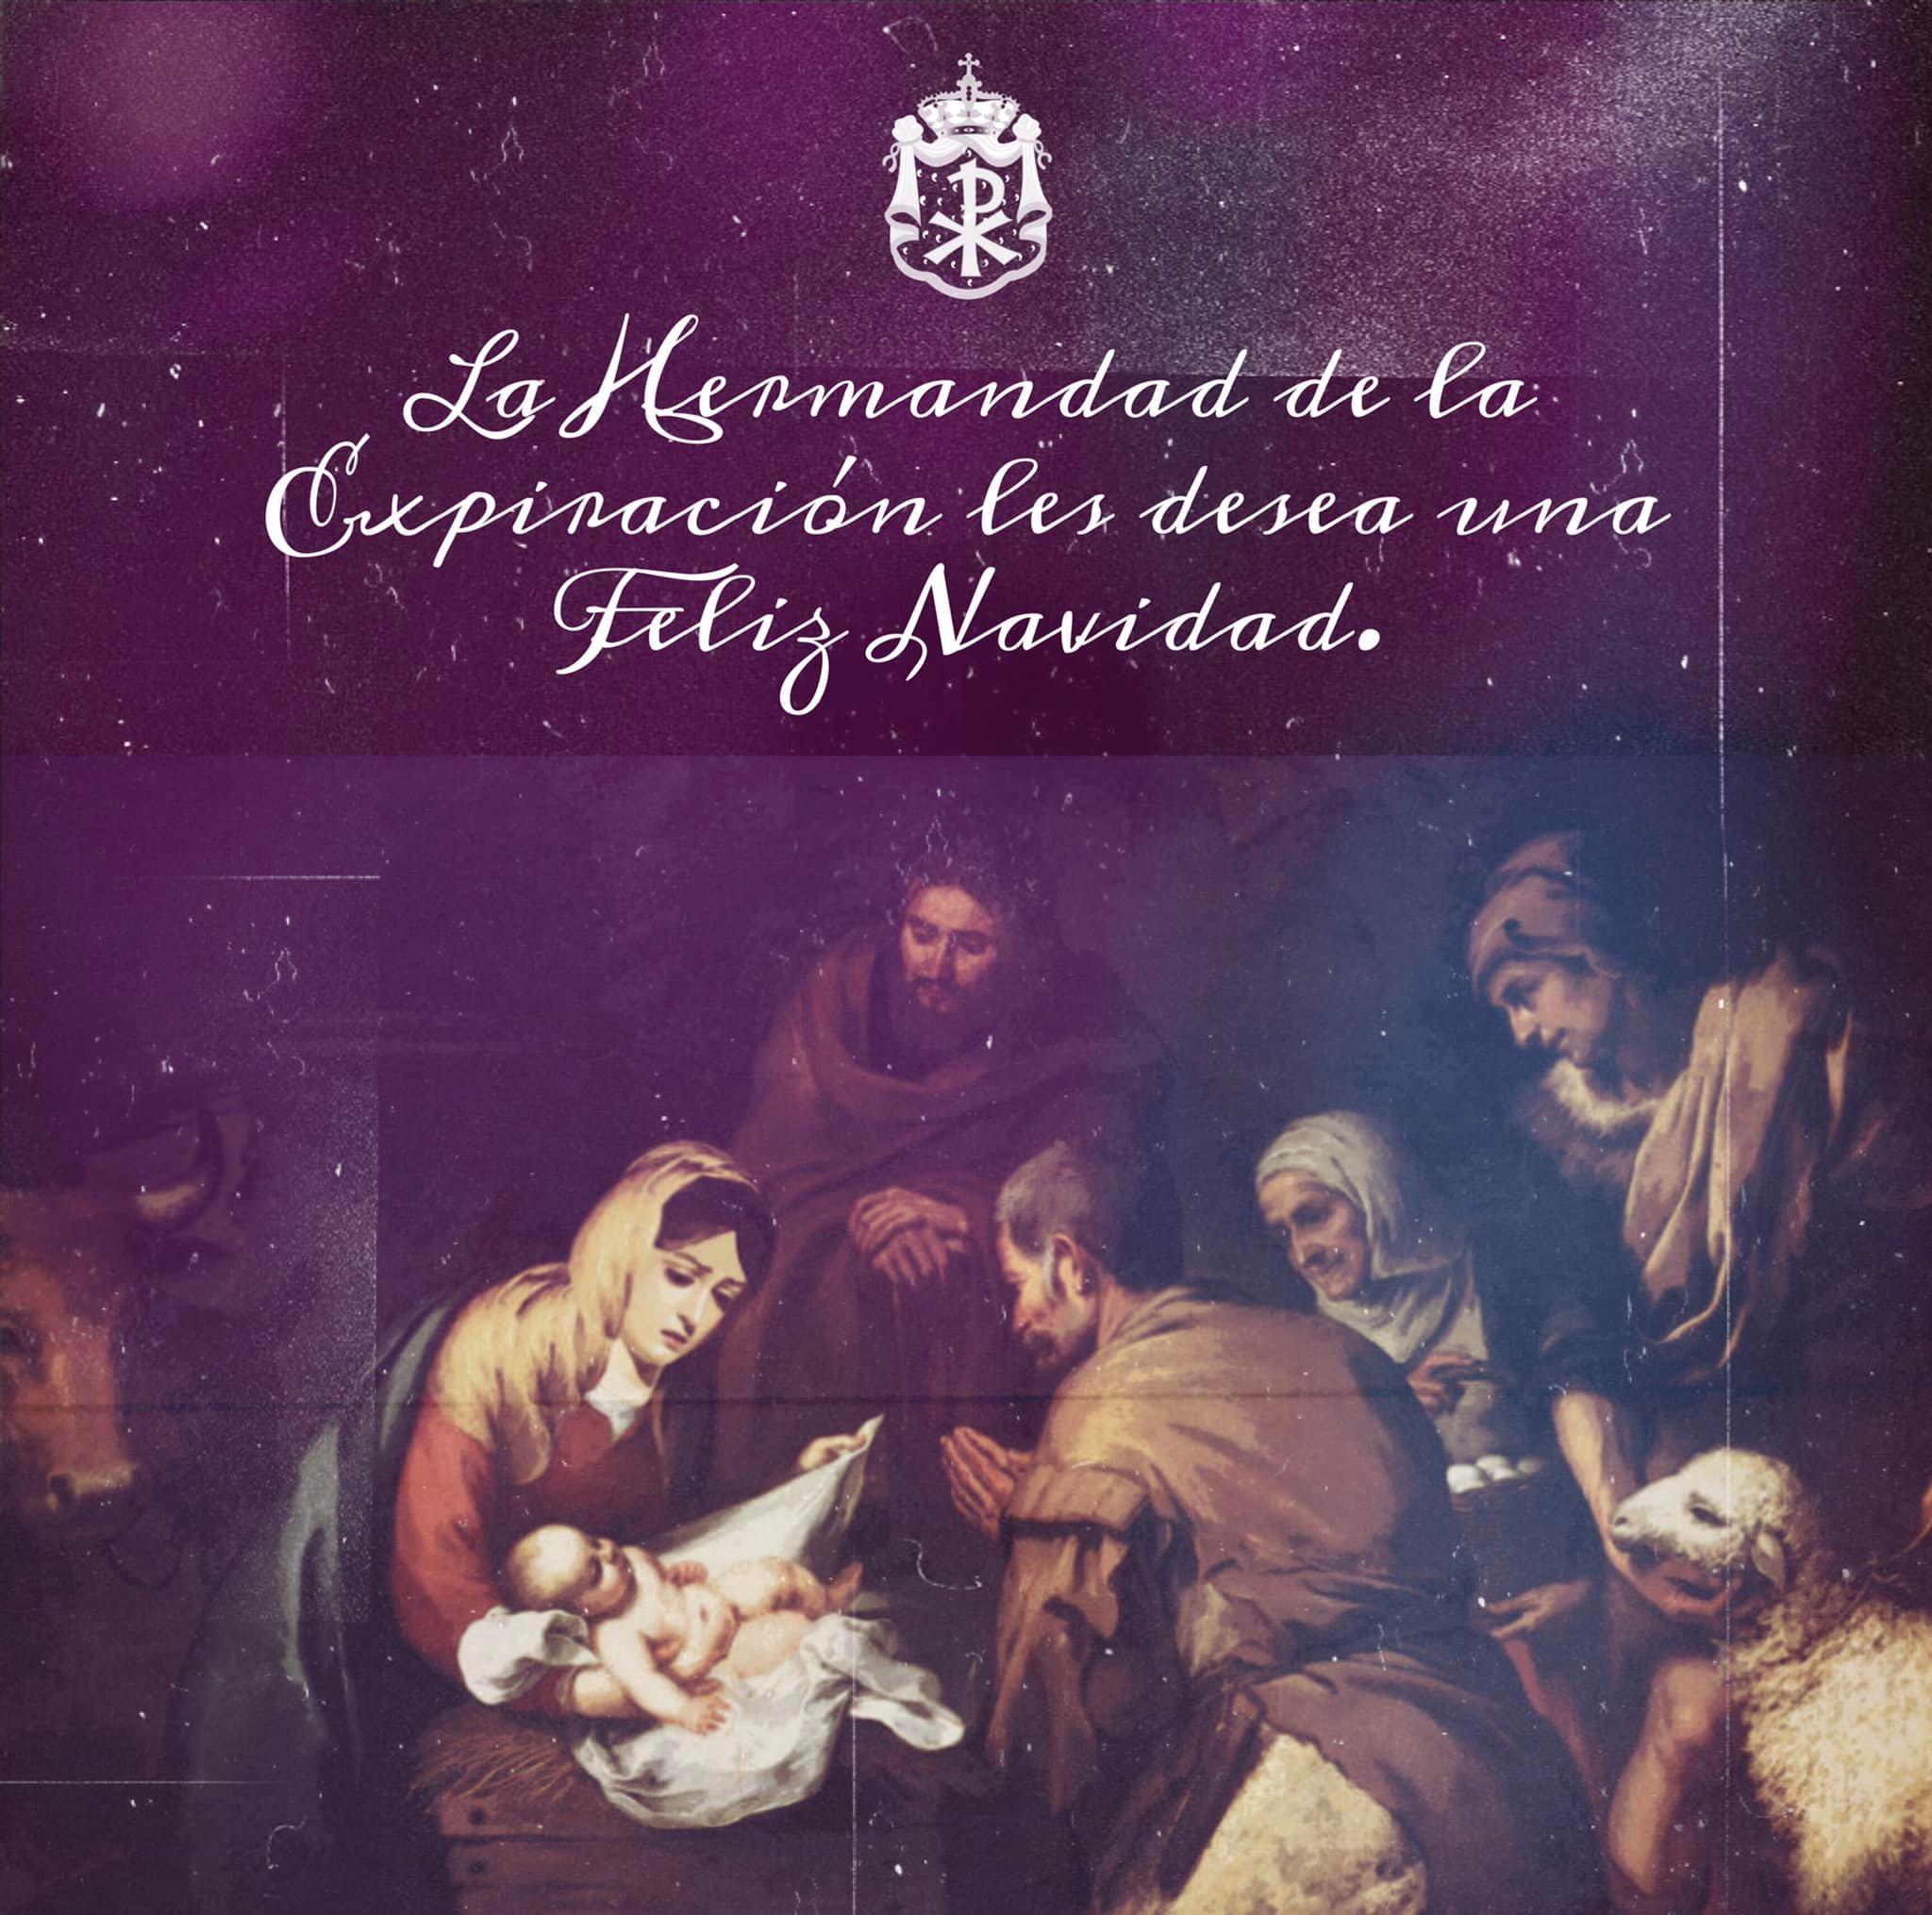 Feliz Navidad y Esperanza para todo el mundo.